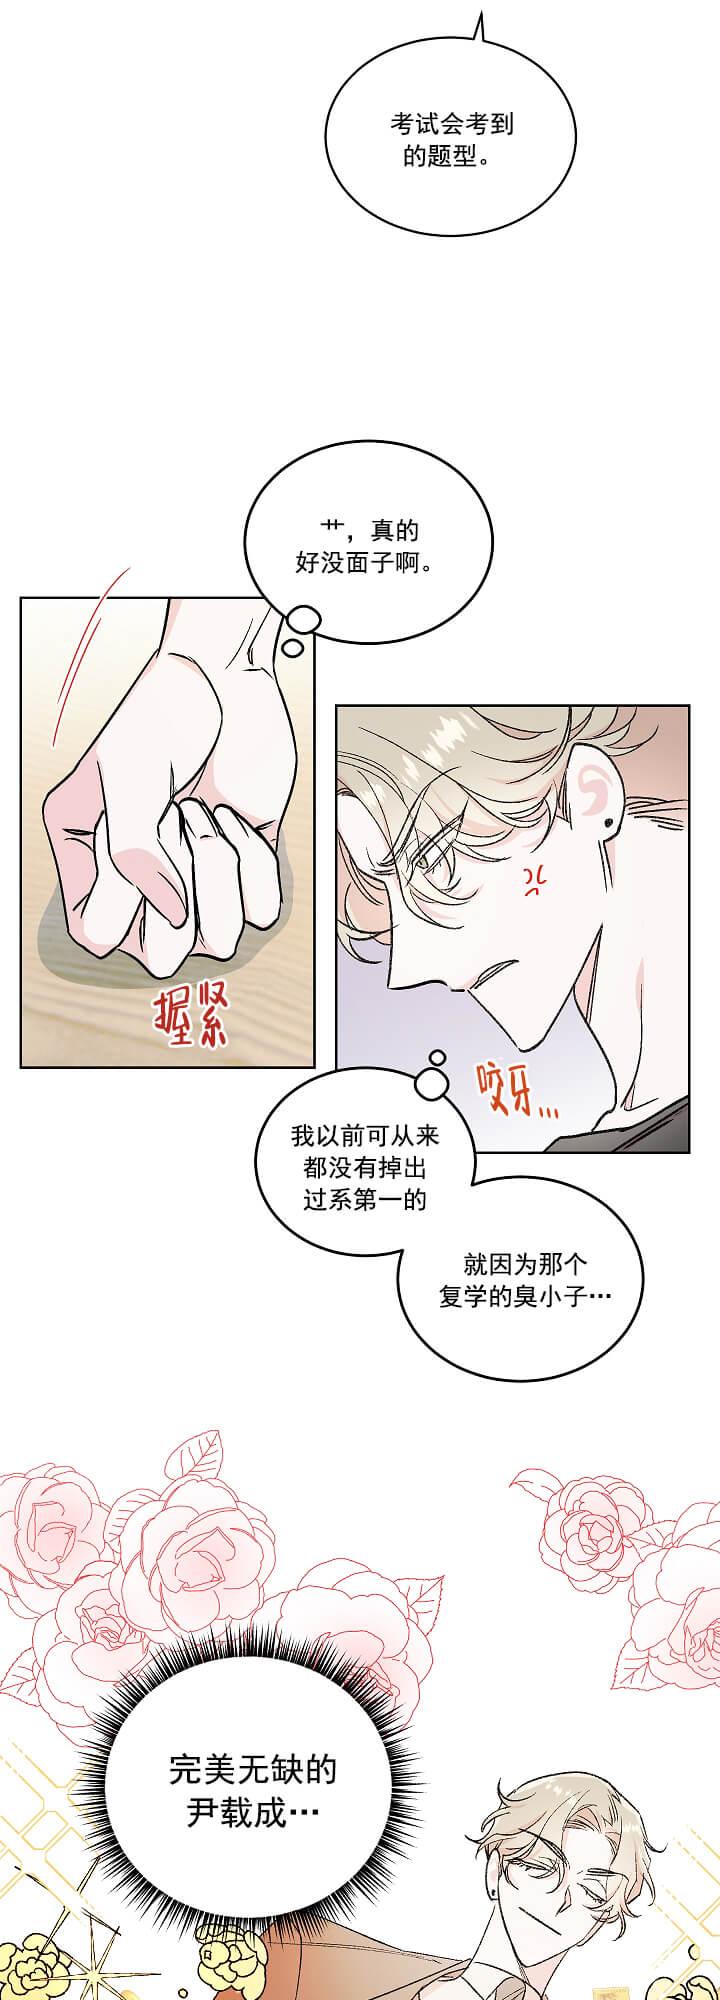 韩漫 | 《秘密疗法》永远的第一名之第二名的逆袭  第15张